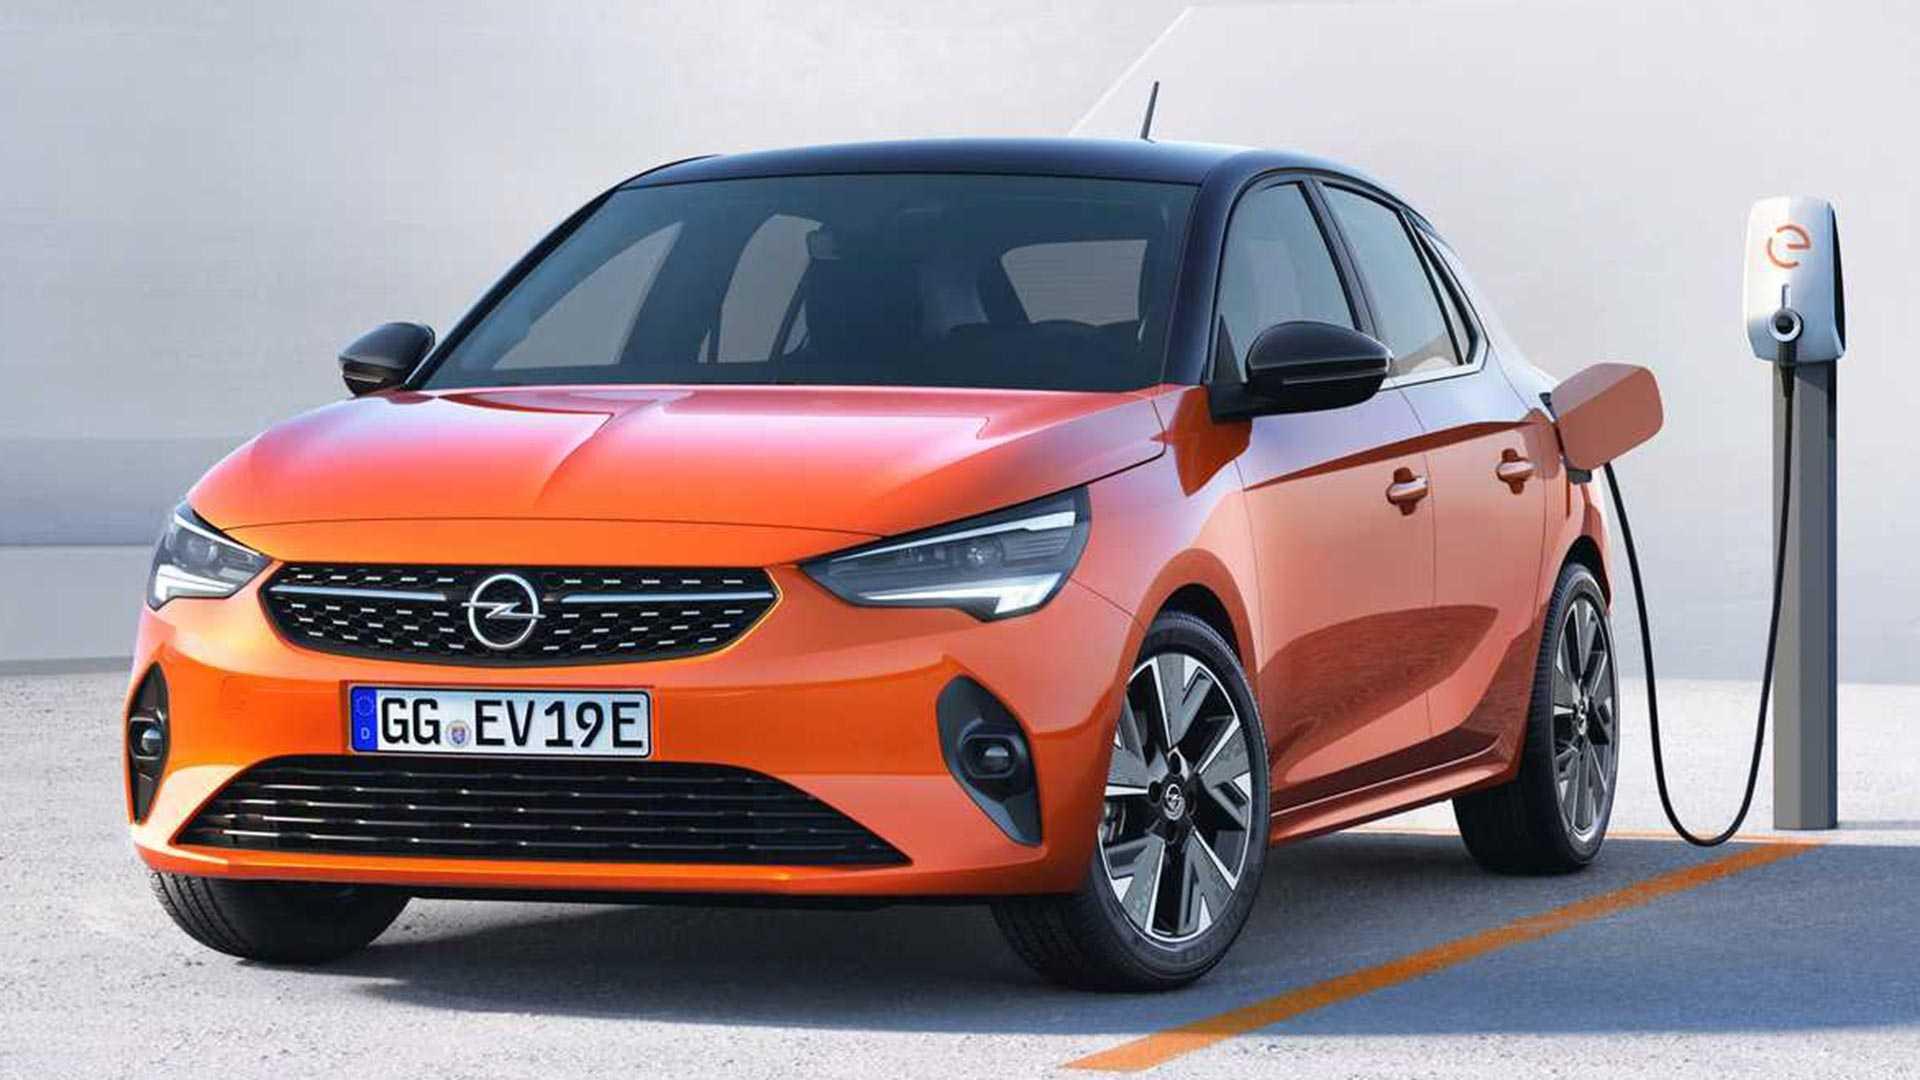 Opel Corsa E 1